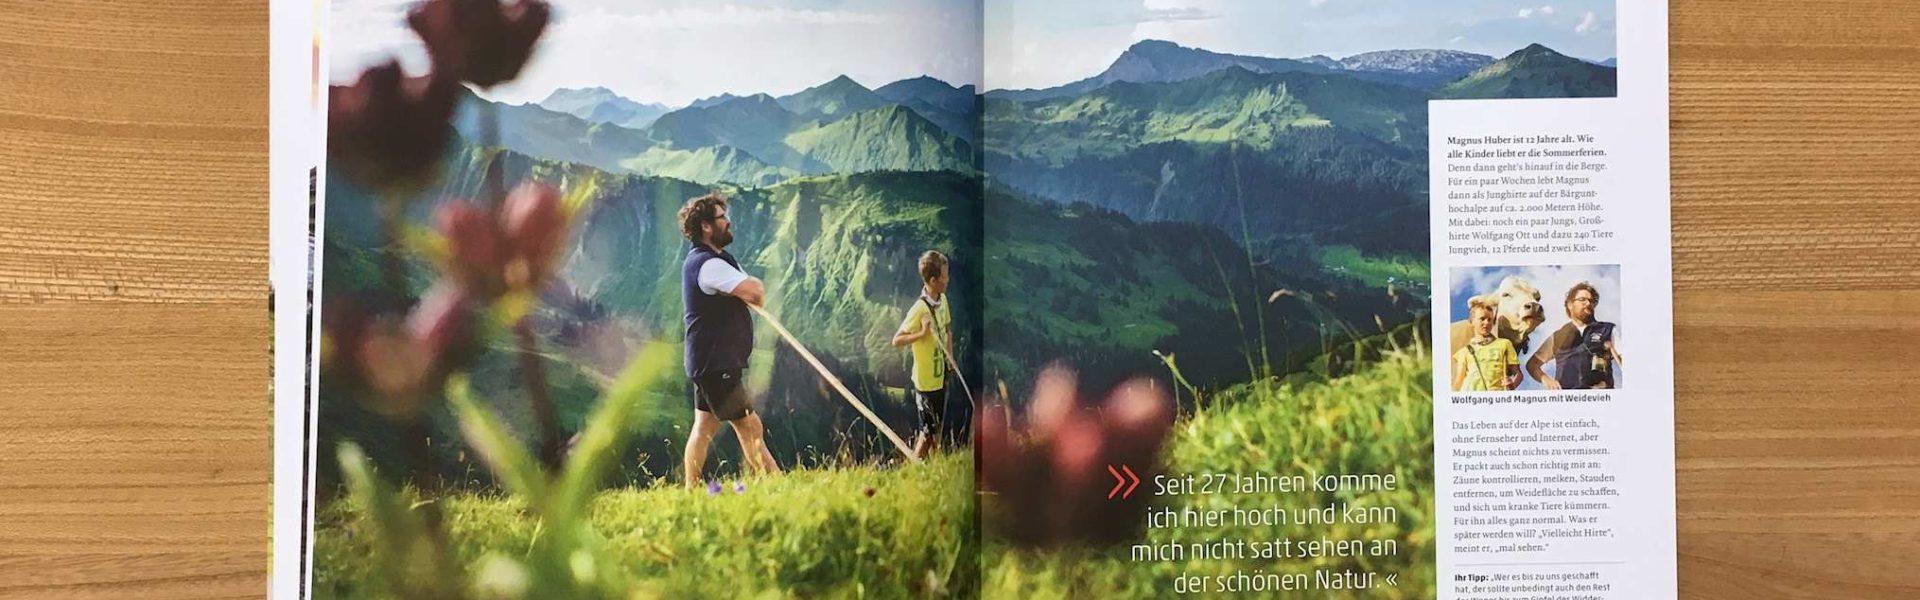 Vorarlberg Magazin Augenweide, 2017, Prospekte (c) Vorarlberg Tourismus GmbH